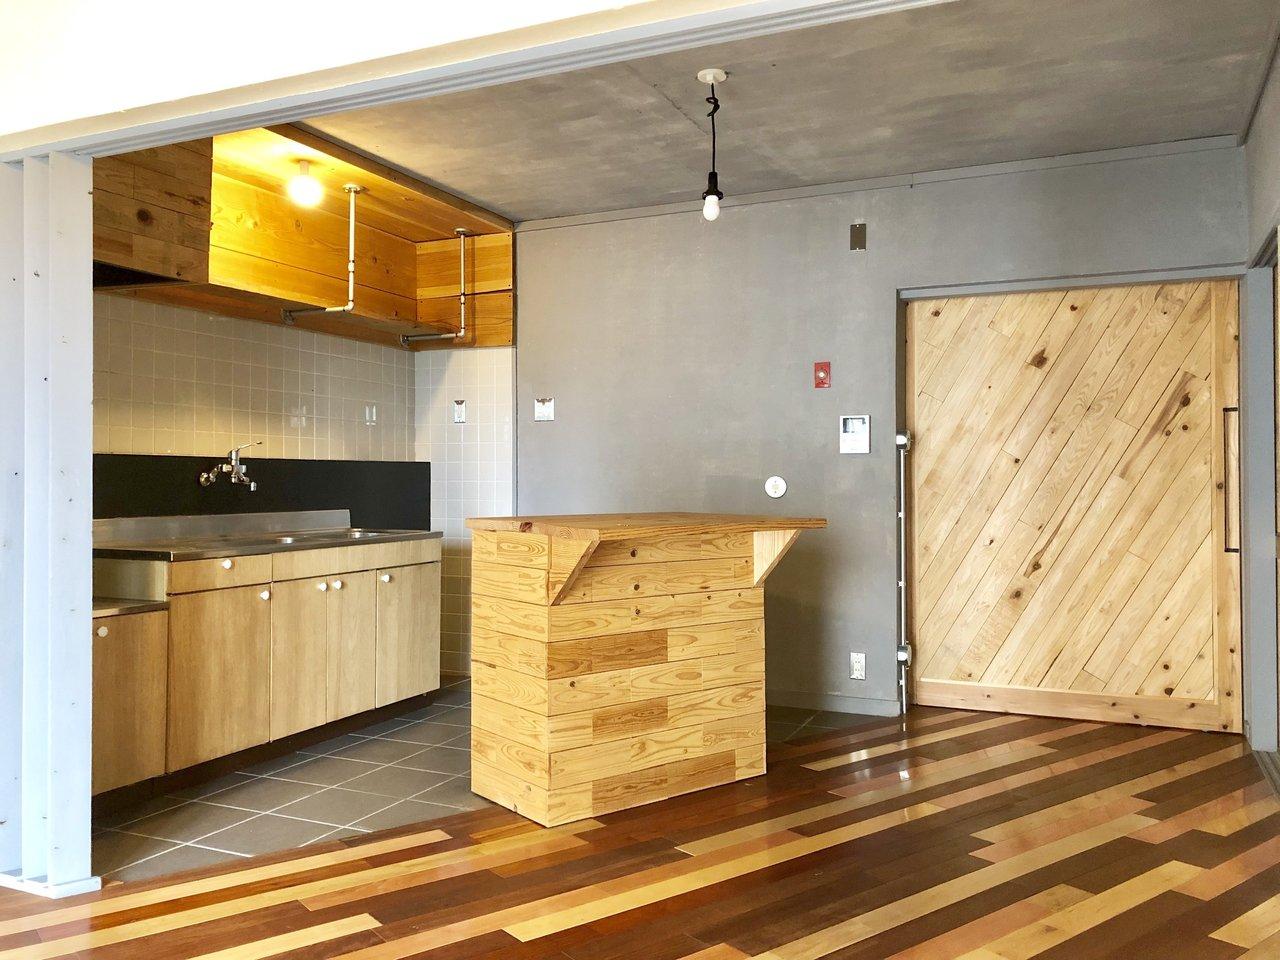 ちょっと変わったデザインの部屋に住んでみたい。そんな憧れを叶える個性派リノベのお部屋です。